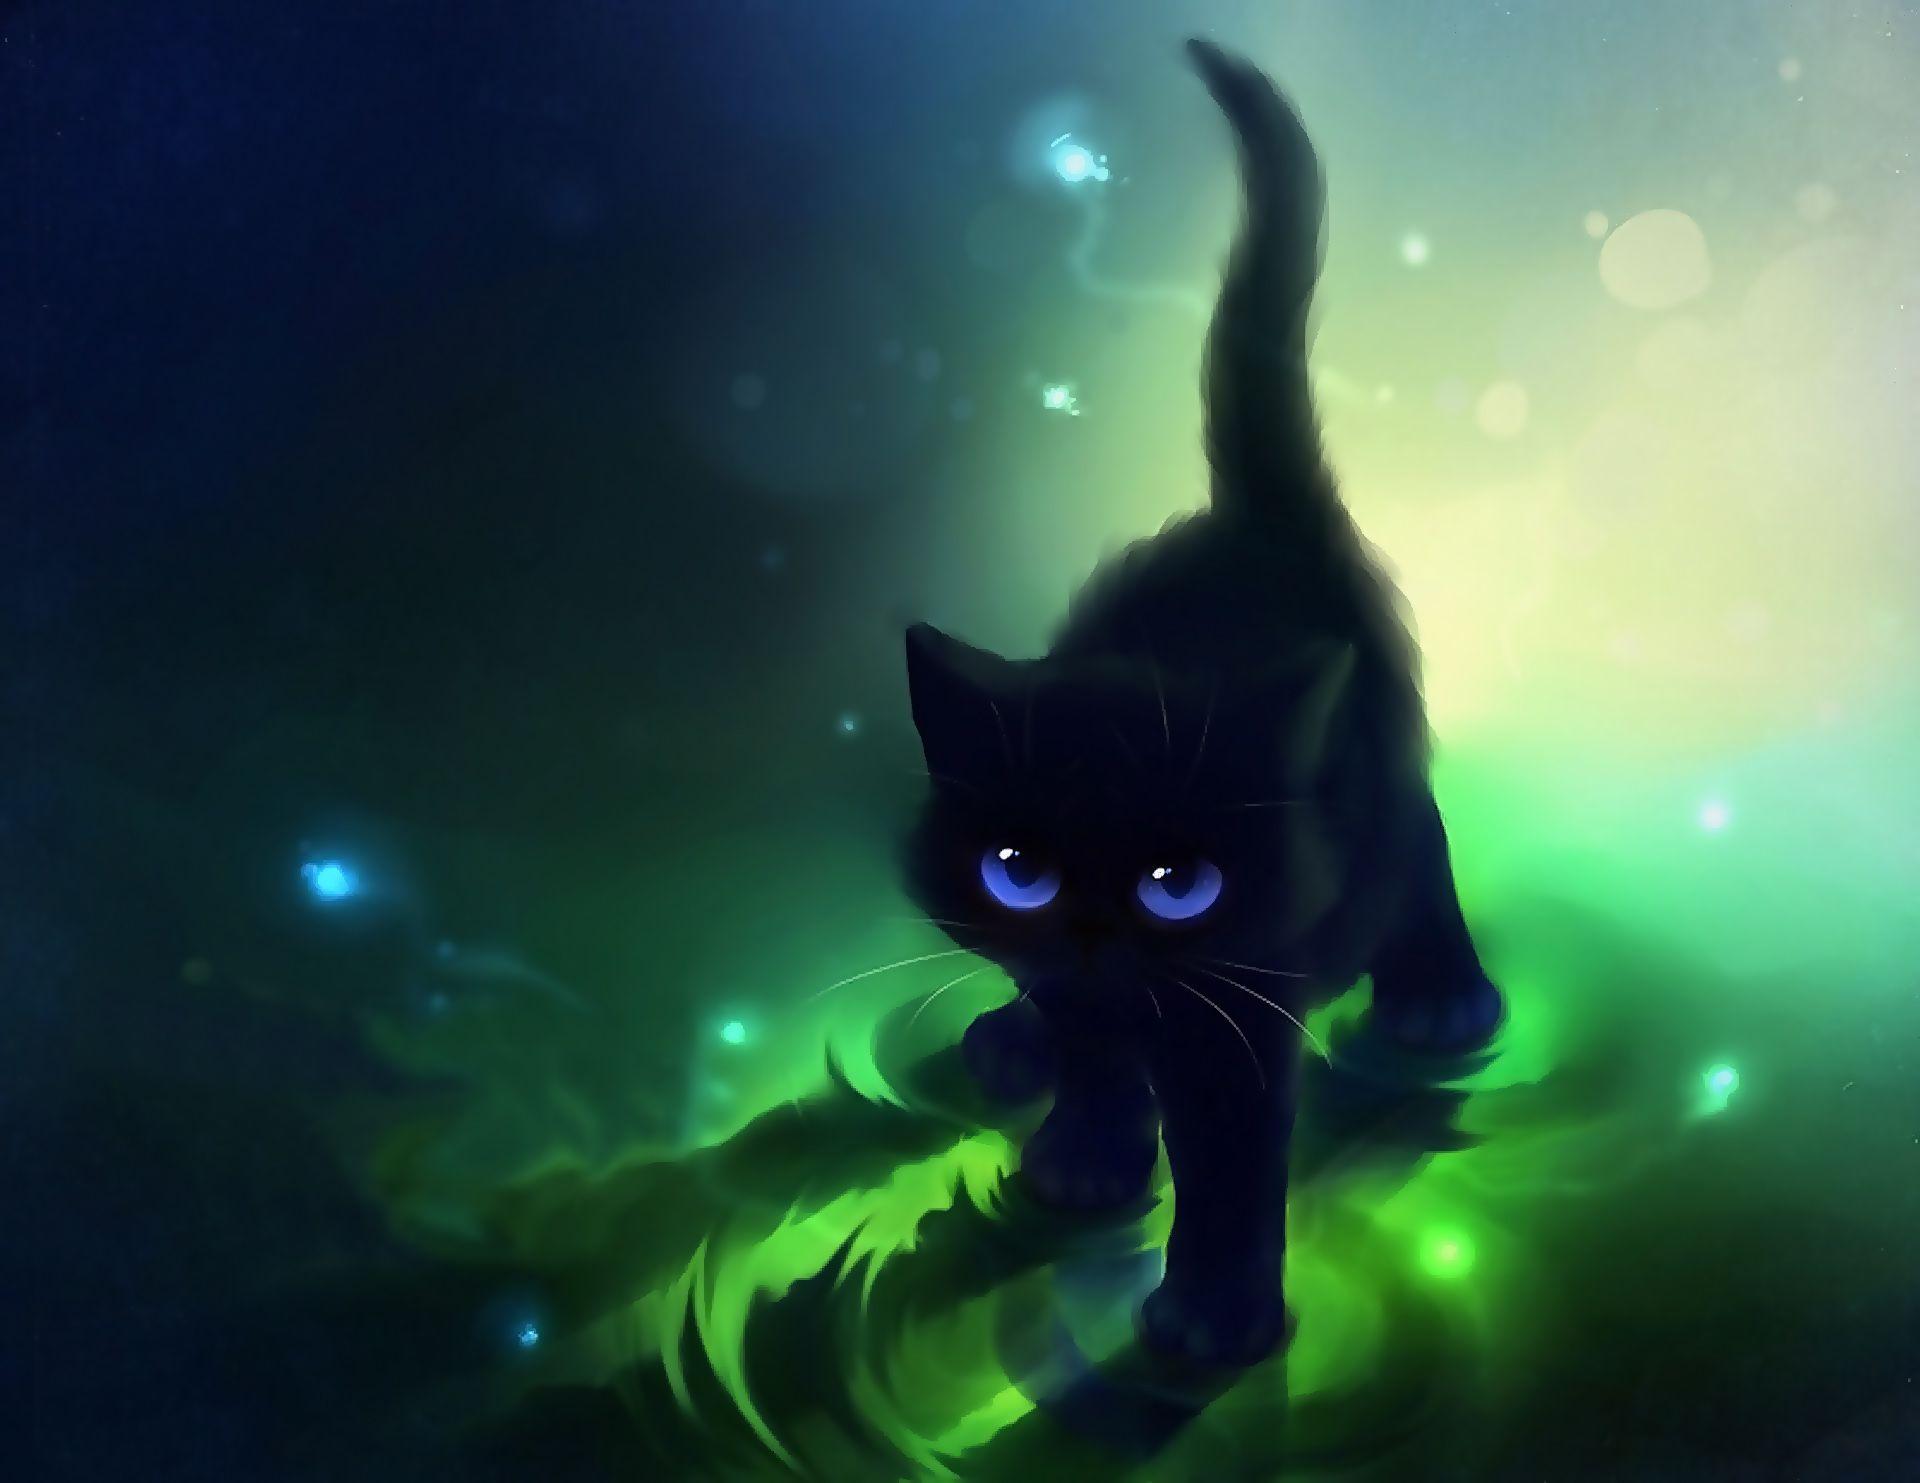 Cute Black Cat Cartoon Cute Black Cat Blue Eyes Cute Cat